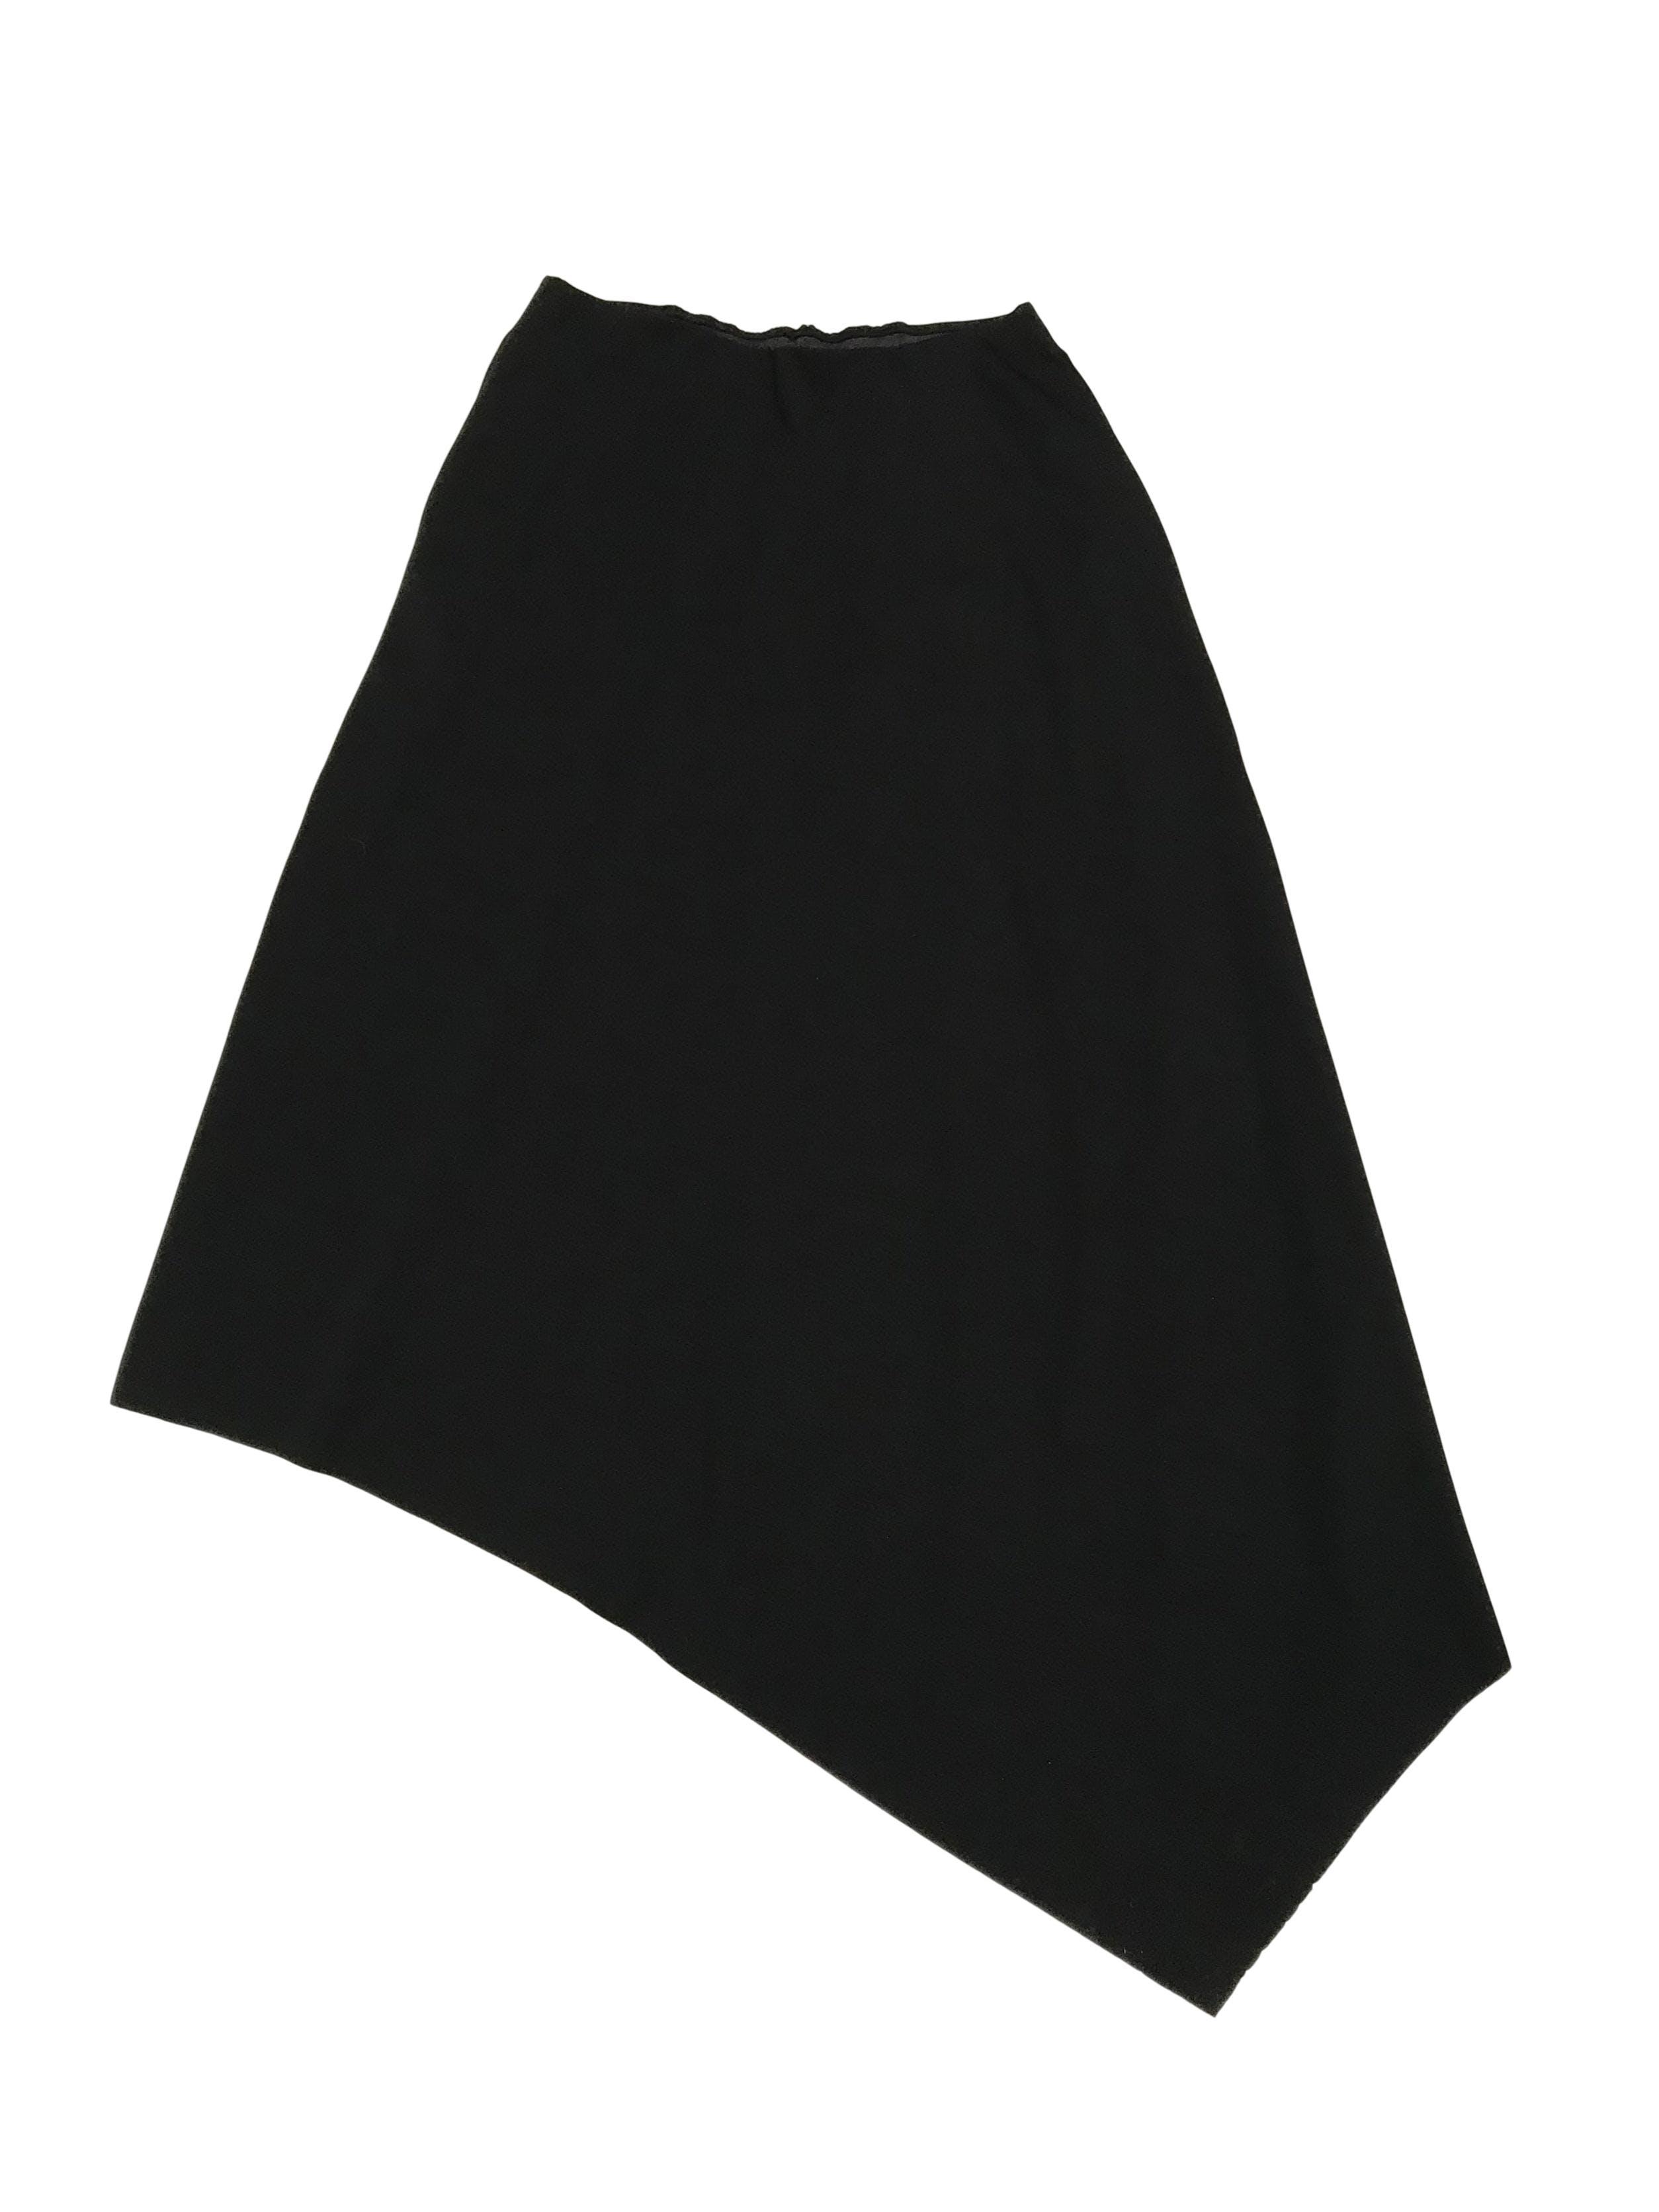 Falda COS larga asimétrica con elástico en la cintura (72cm sin estirar)